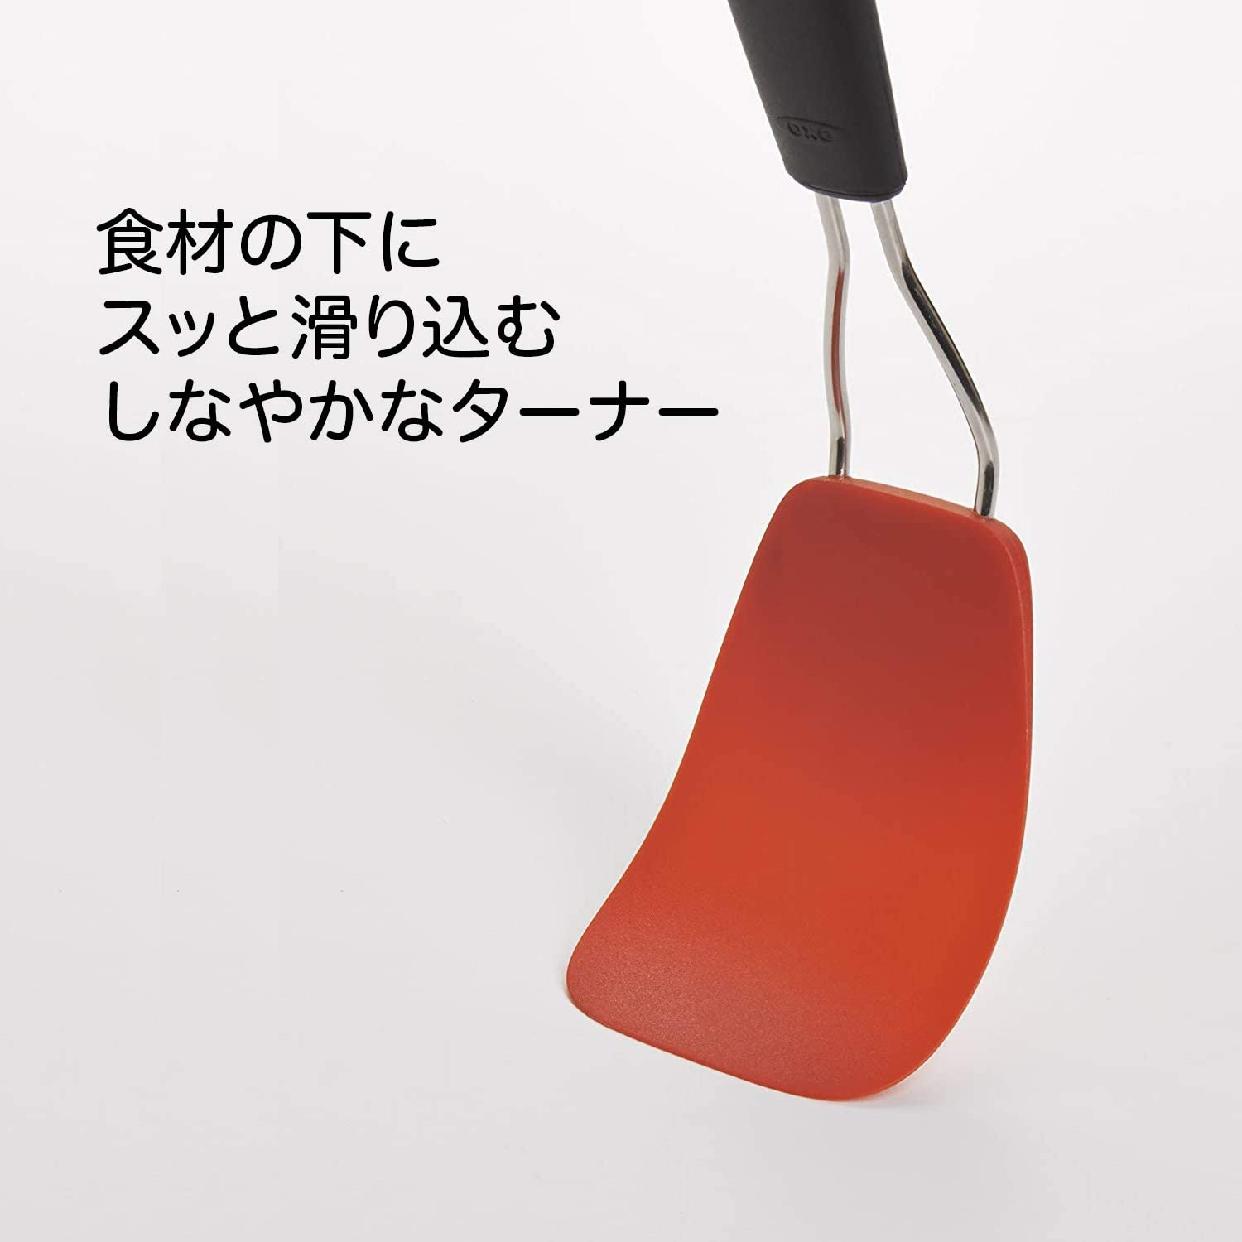 OXO(オクソー) ナイロンソフトターナー トマト 11152200の商品画像3